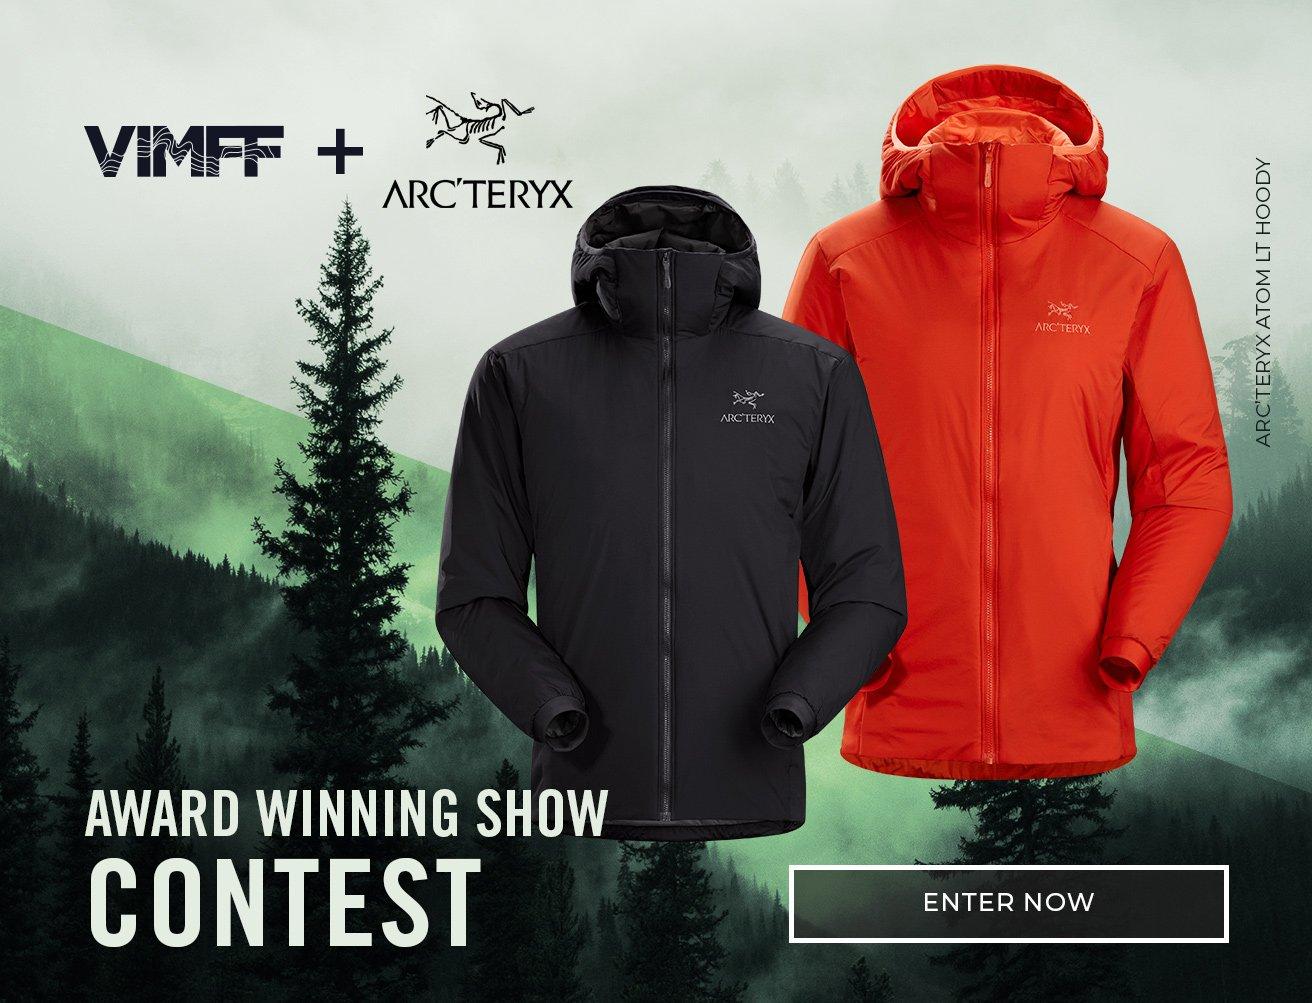 vimff award winning films show contest x